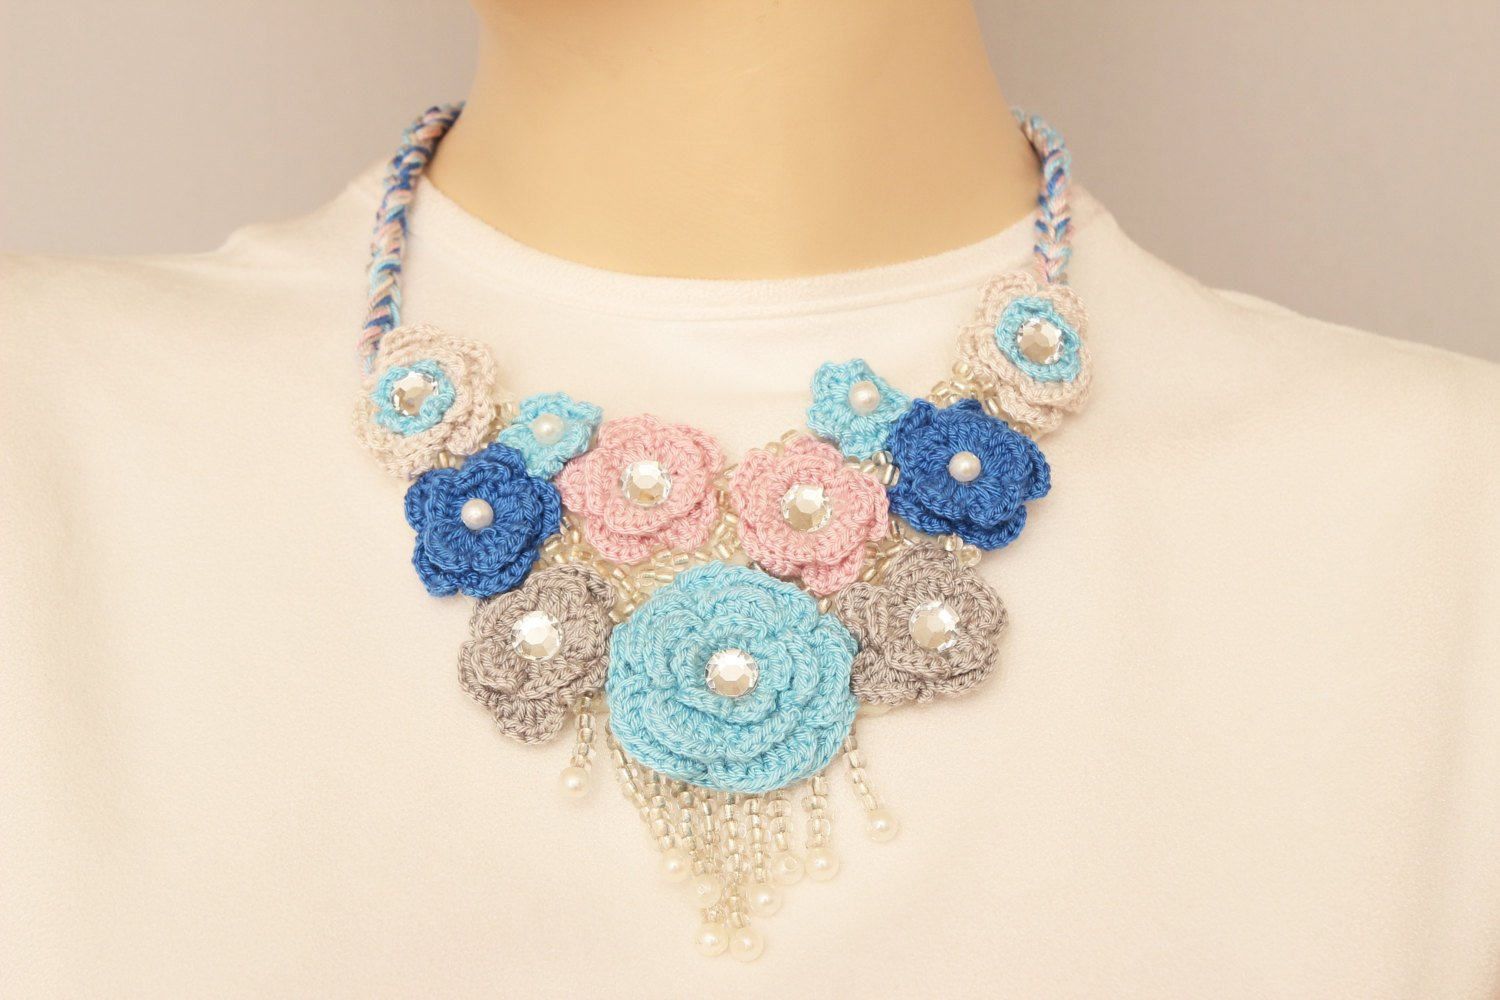 Crochet Necklace Statement Necklace Oya Necklace Bip Necklace